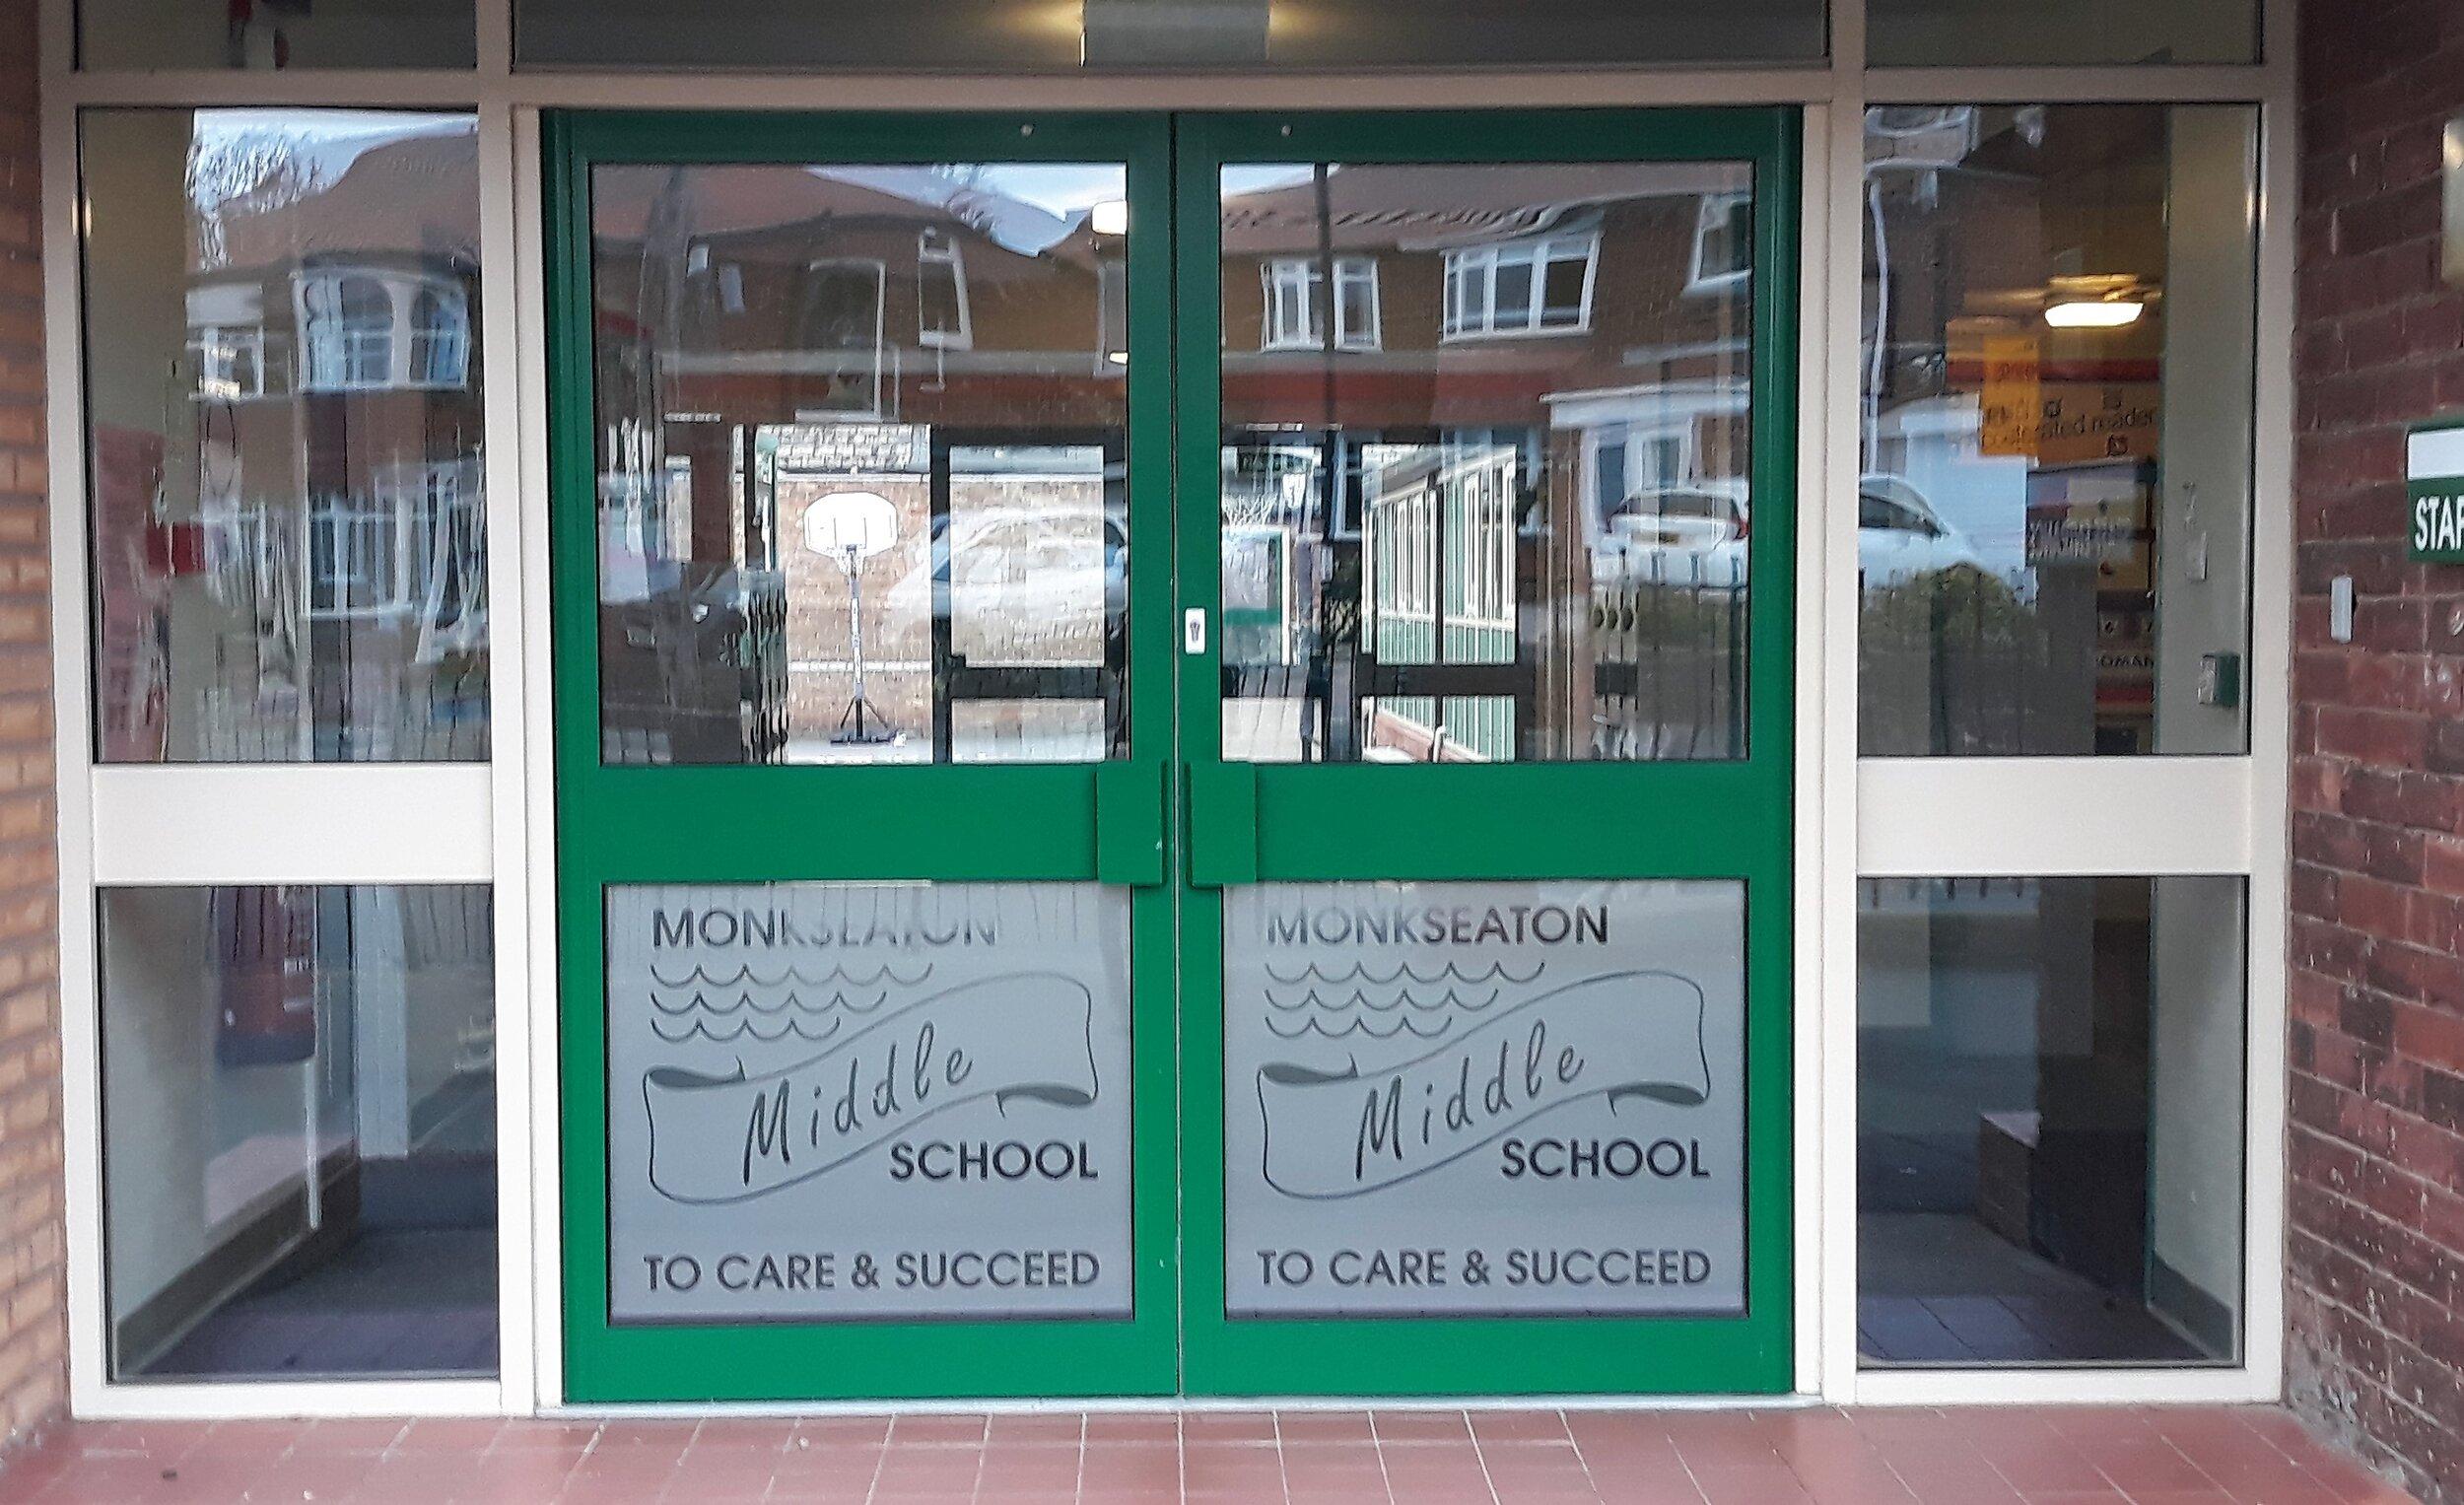 Monkseaton Middle School